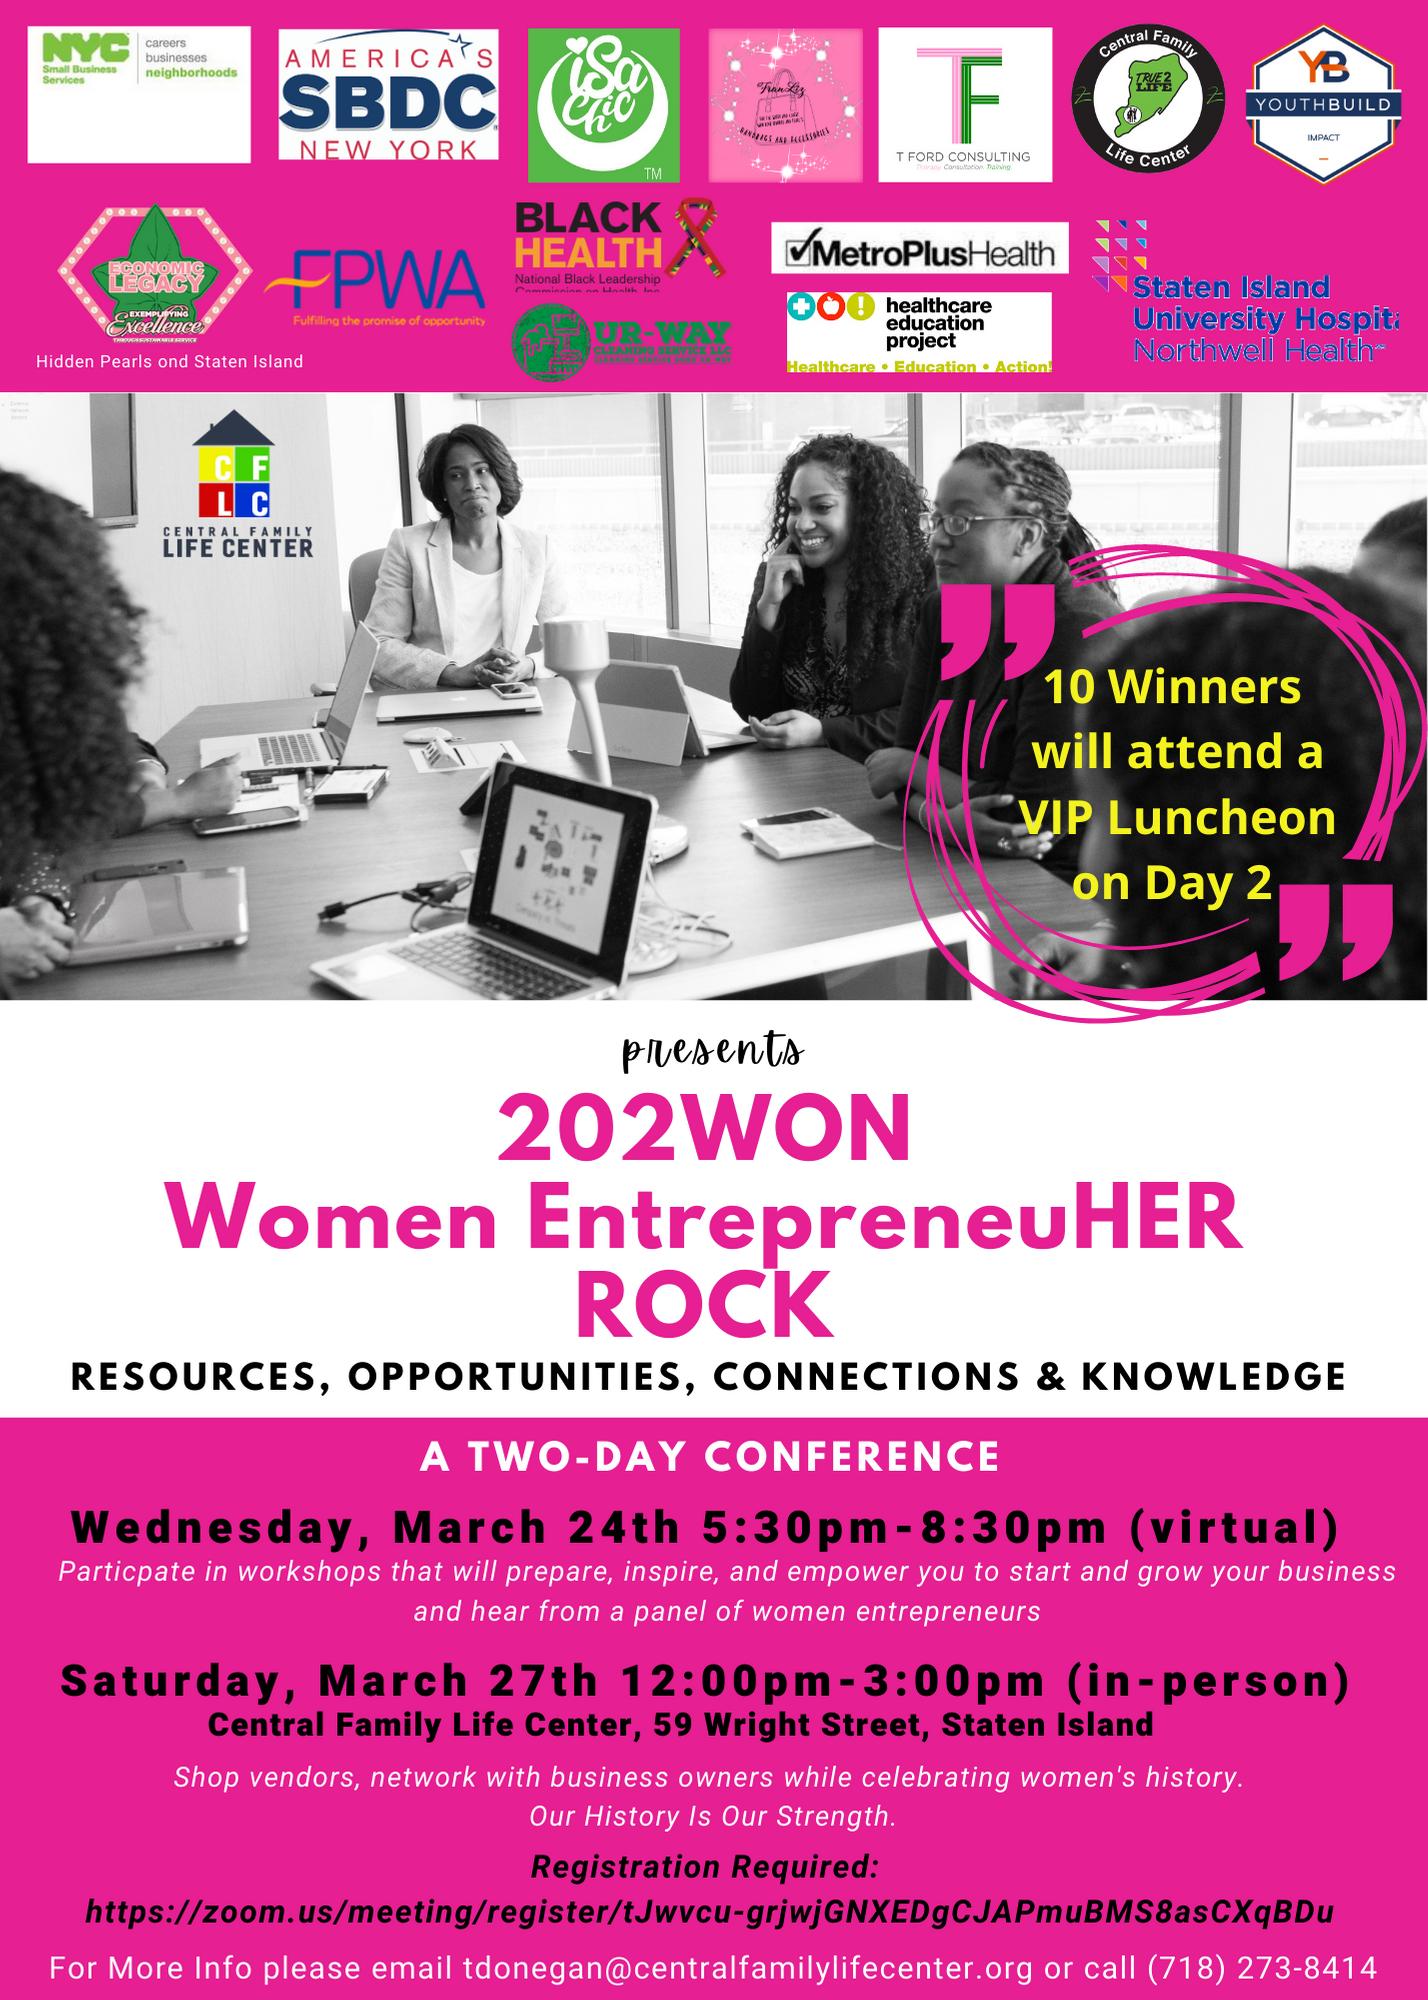 Women Entrepreneur Conference March 24